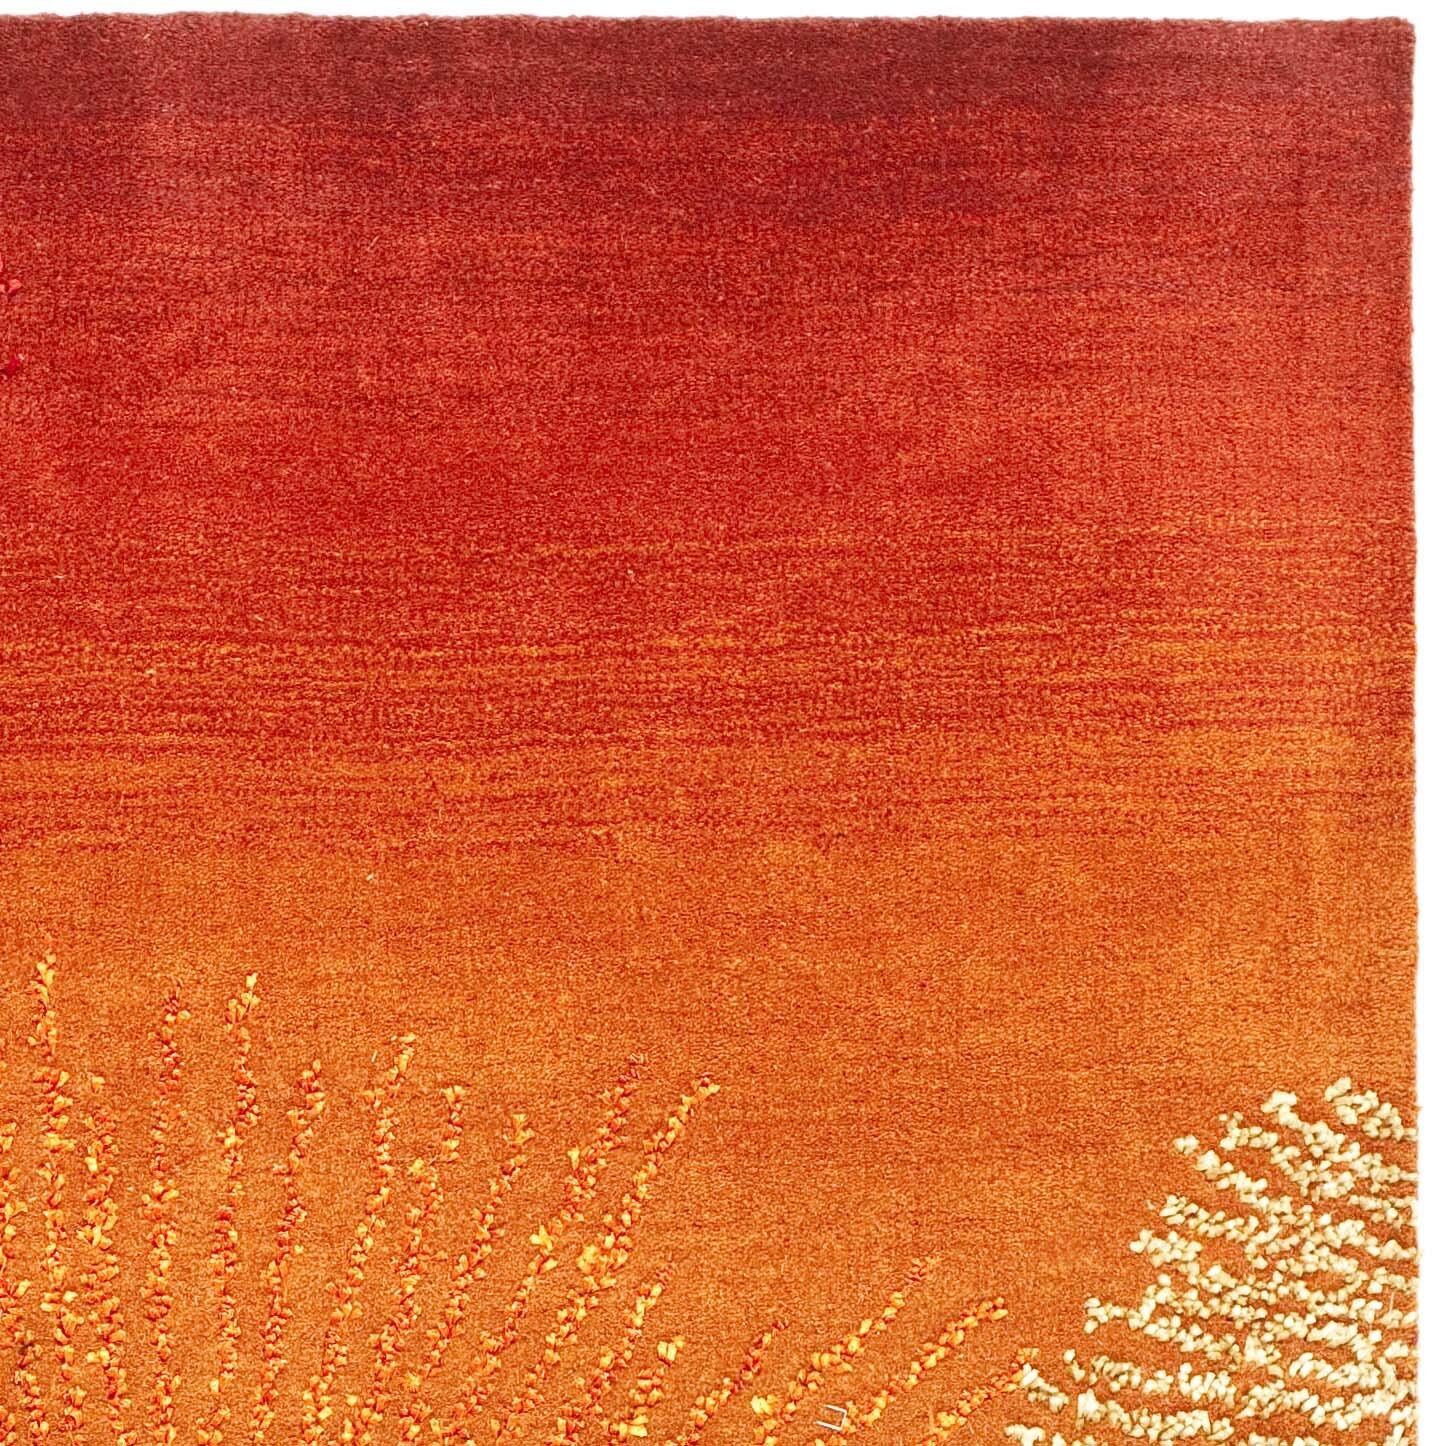 Safavieh Soho Rust/Orange Area Rug & Reviews